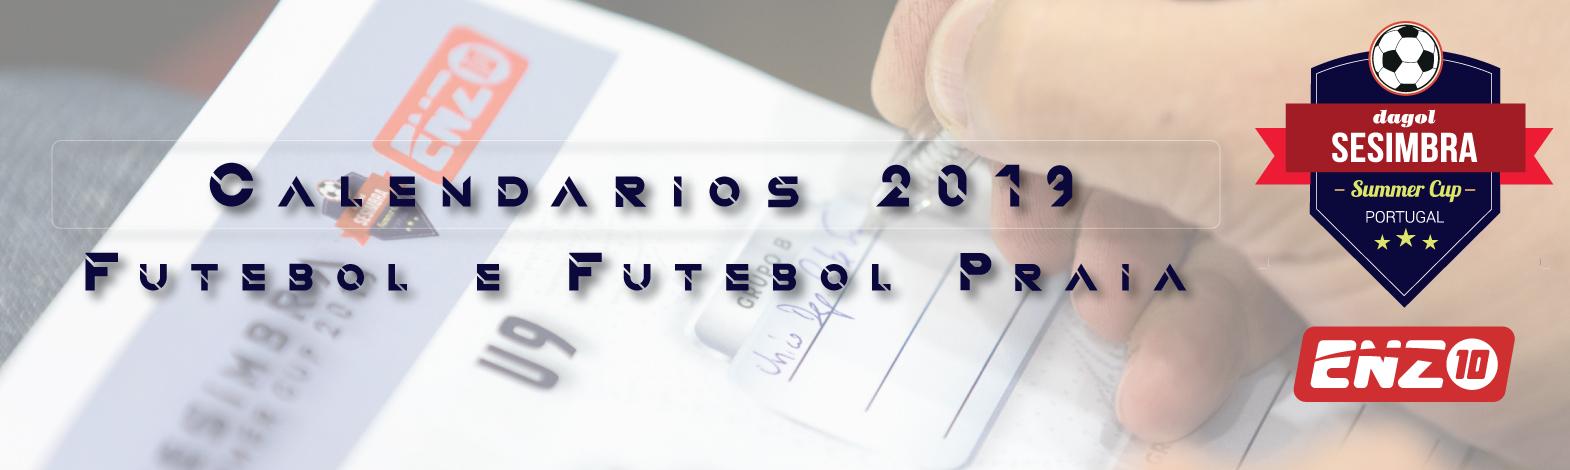 Calendário 2019